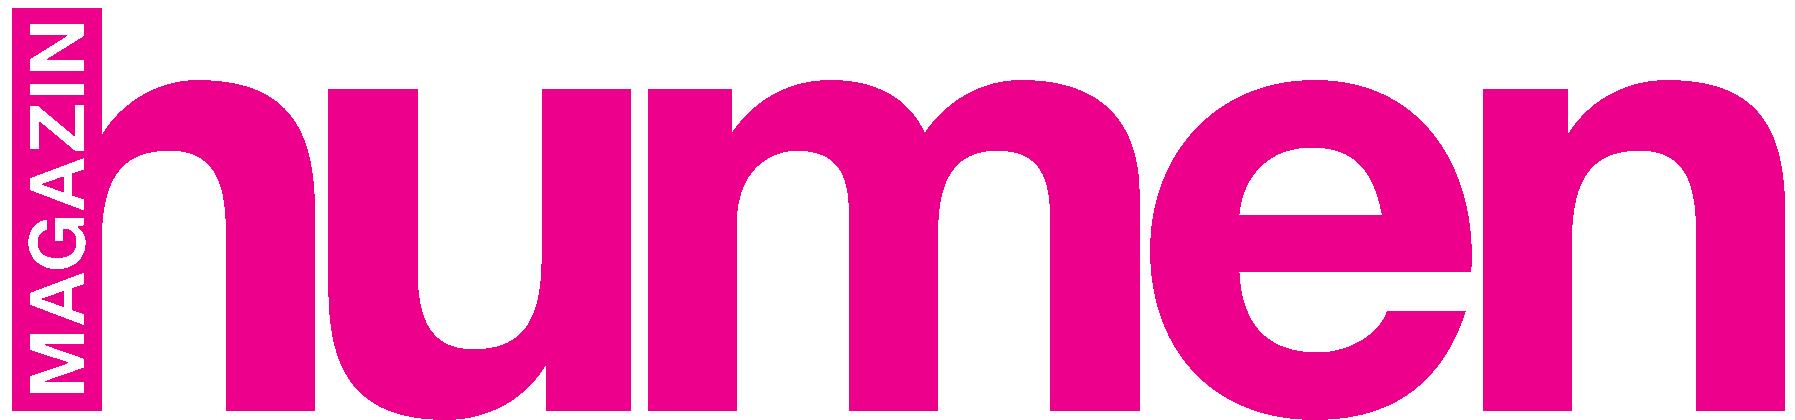 Humen_logo_pink